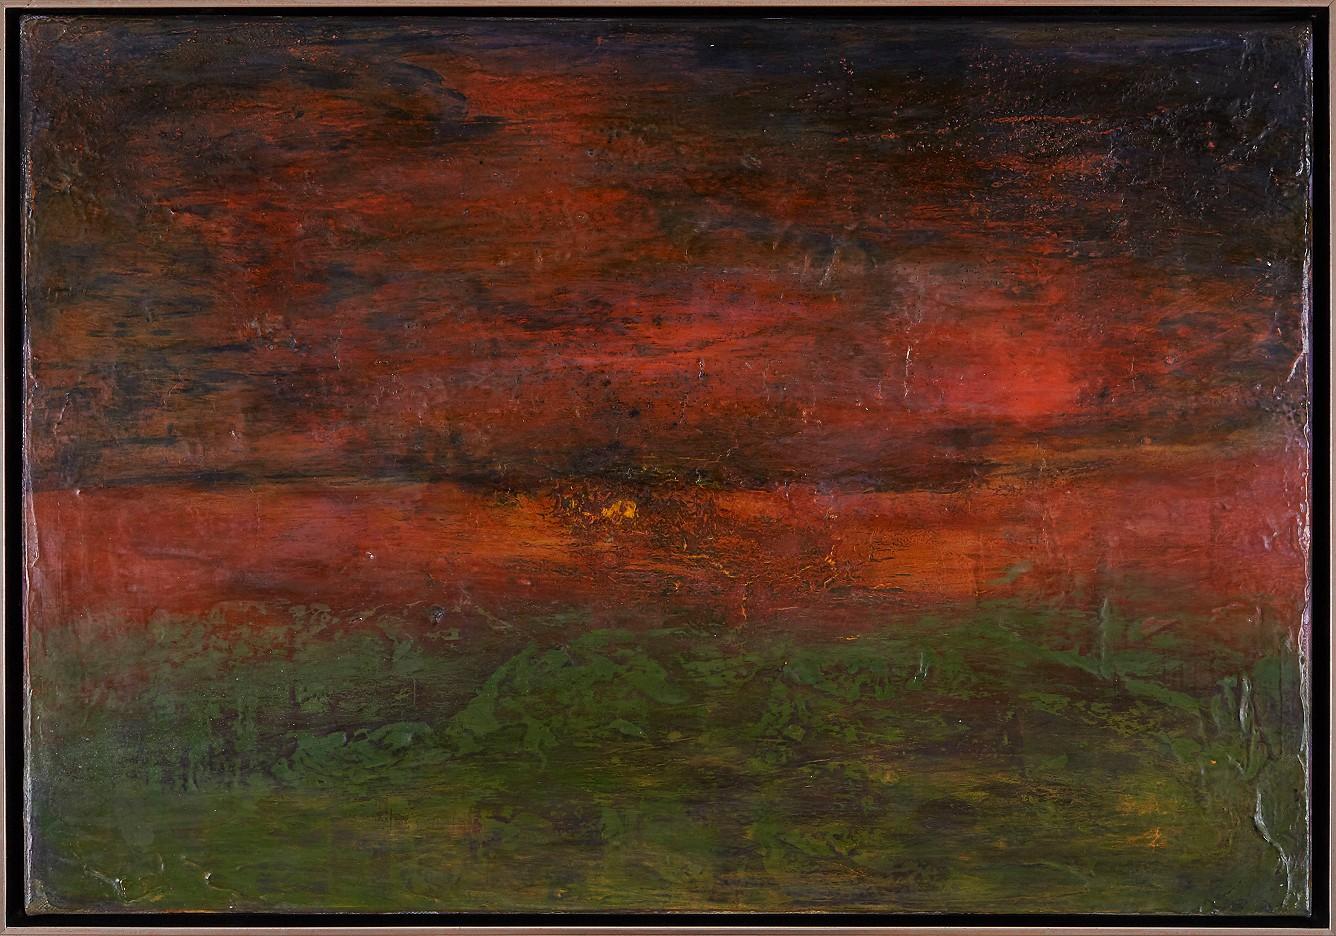 Stora Alvaret - Heide im Abendlicht